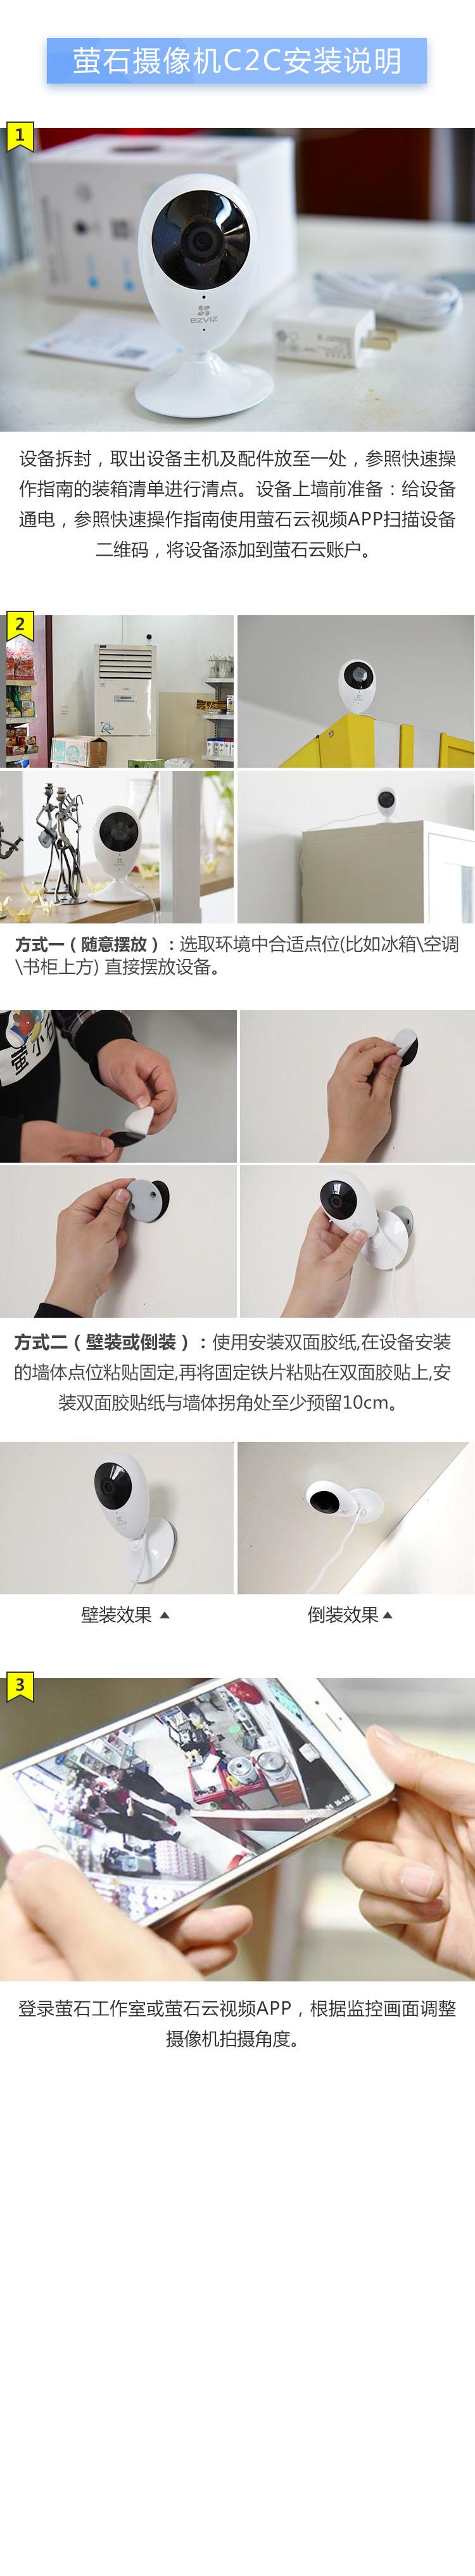 萤石摄像机C2C安装说明